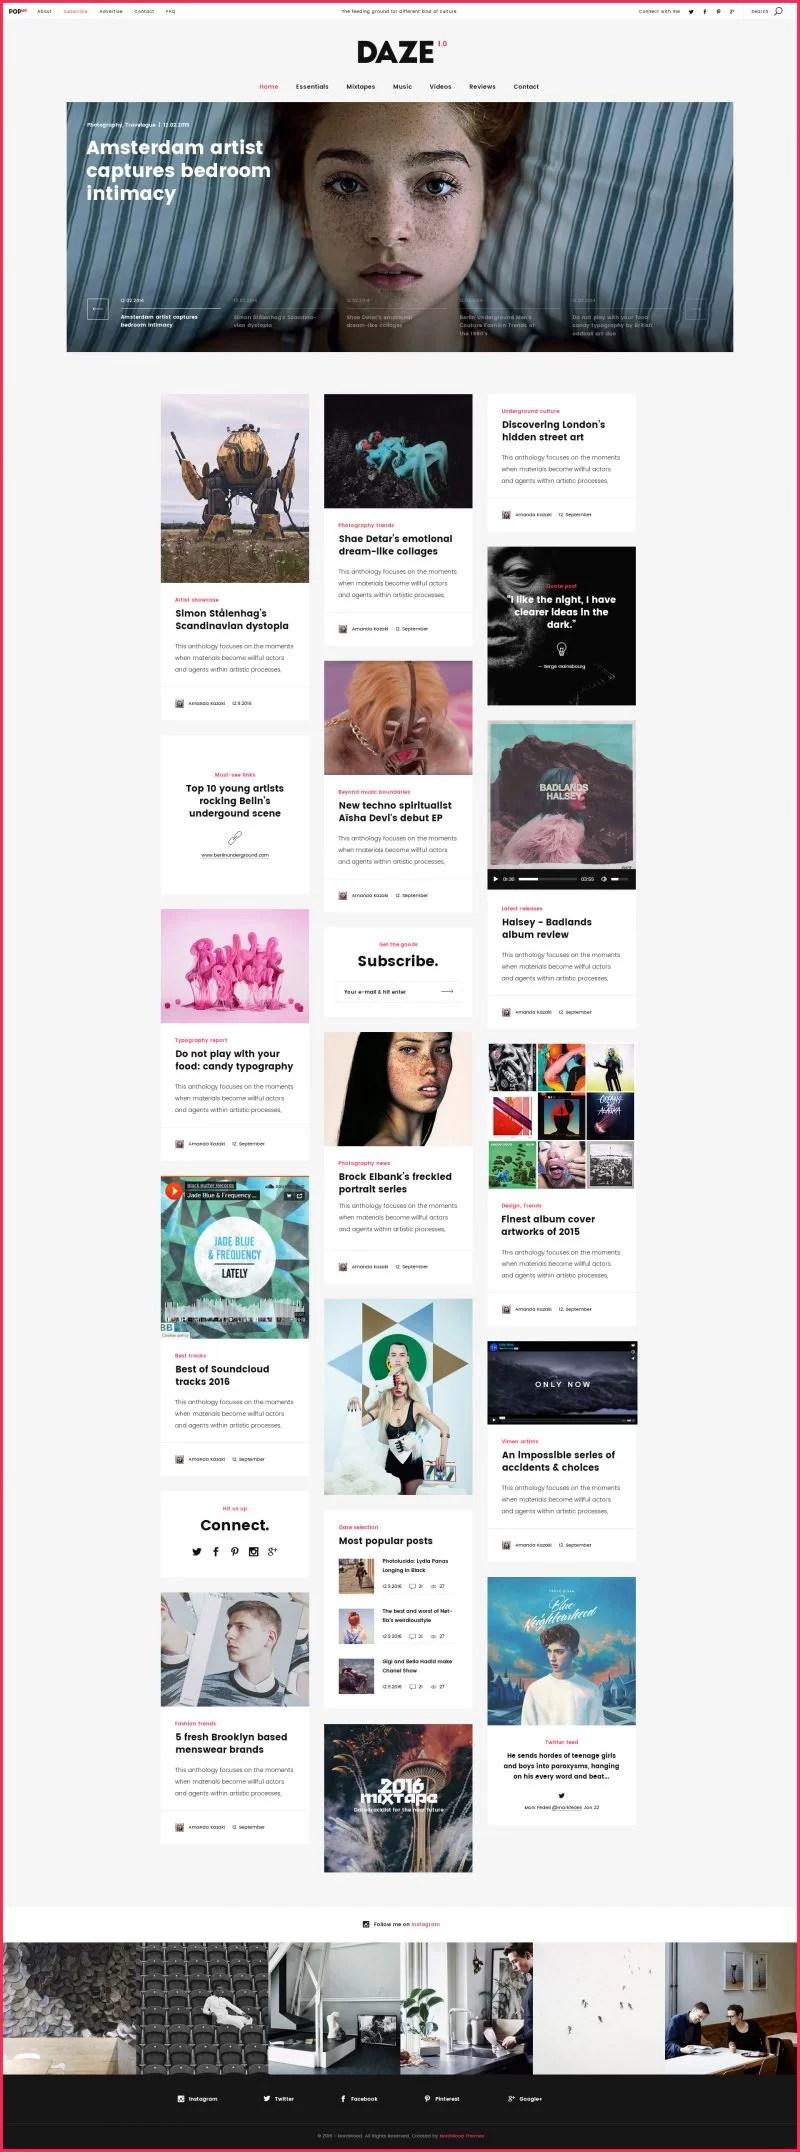 Daze Modern Pinterest Like WordPress Theme